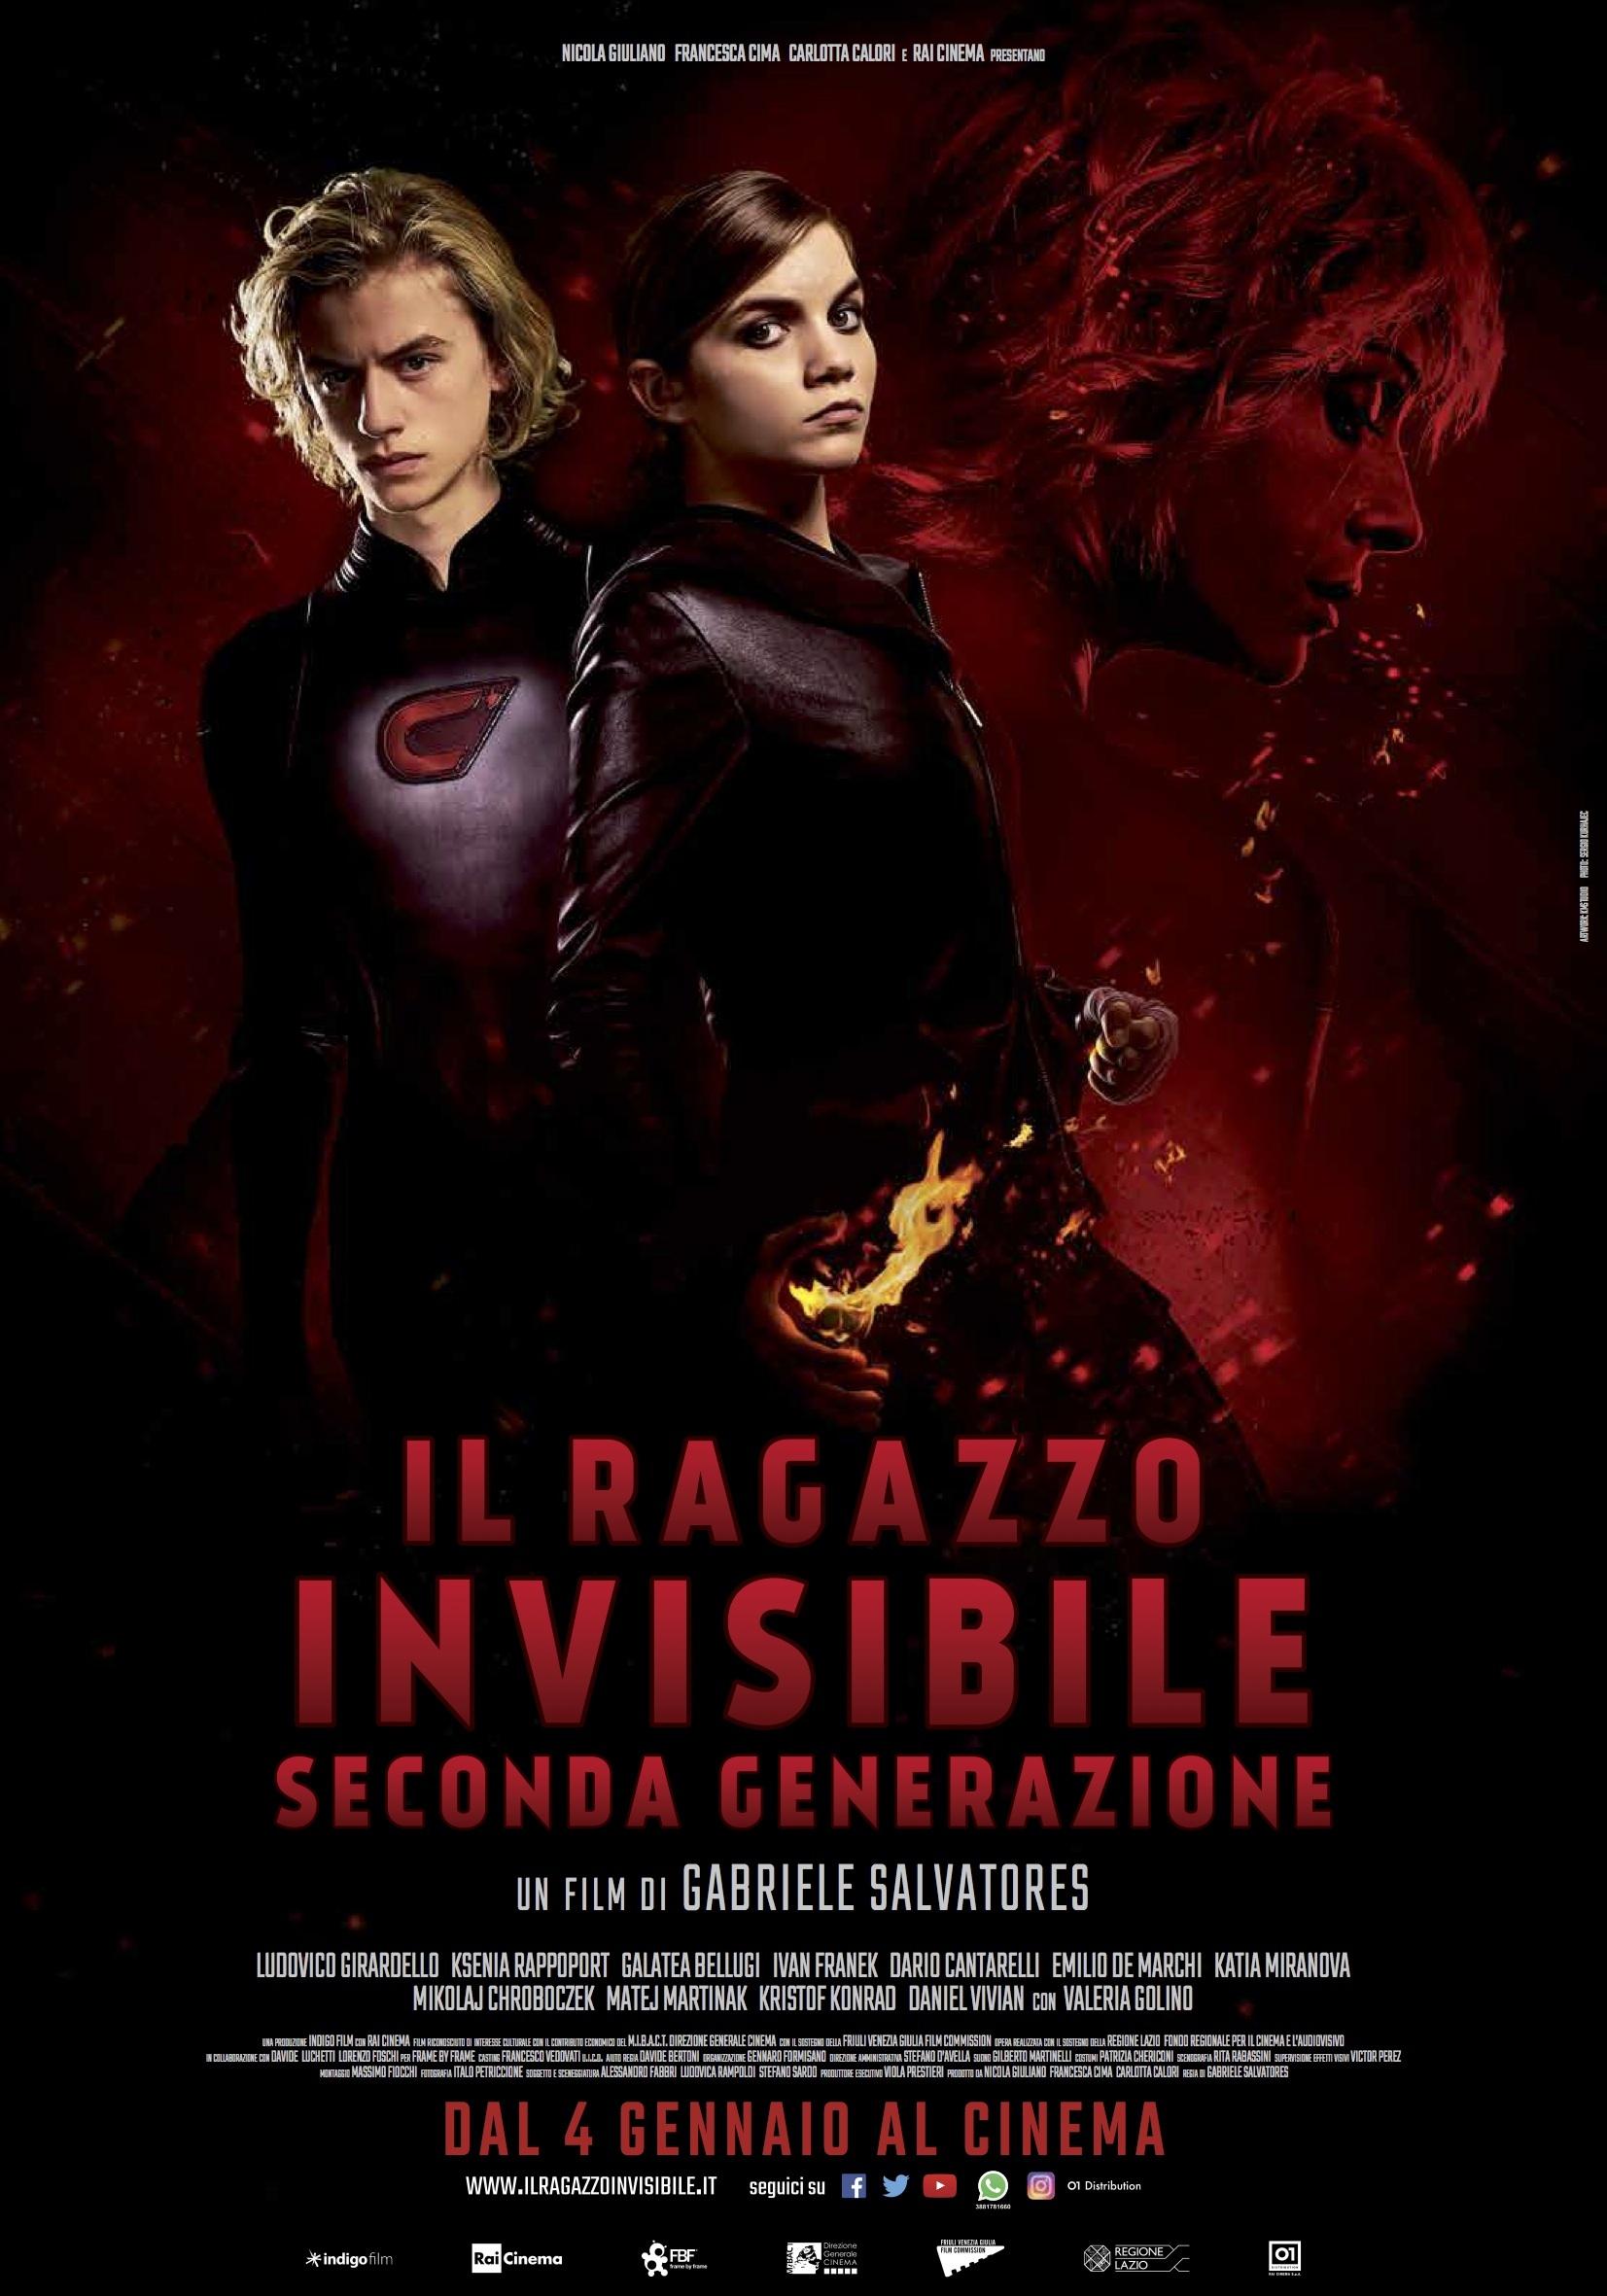 Il Ragazzo Invisibile - Seconda Generazione